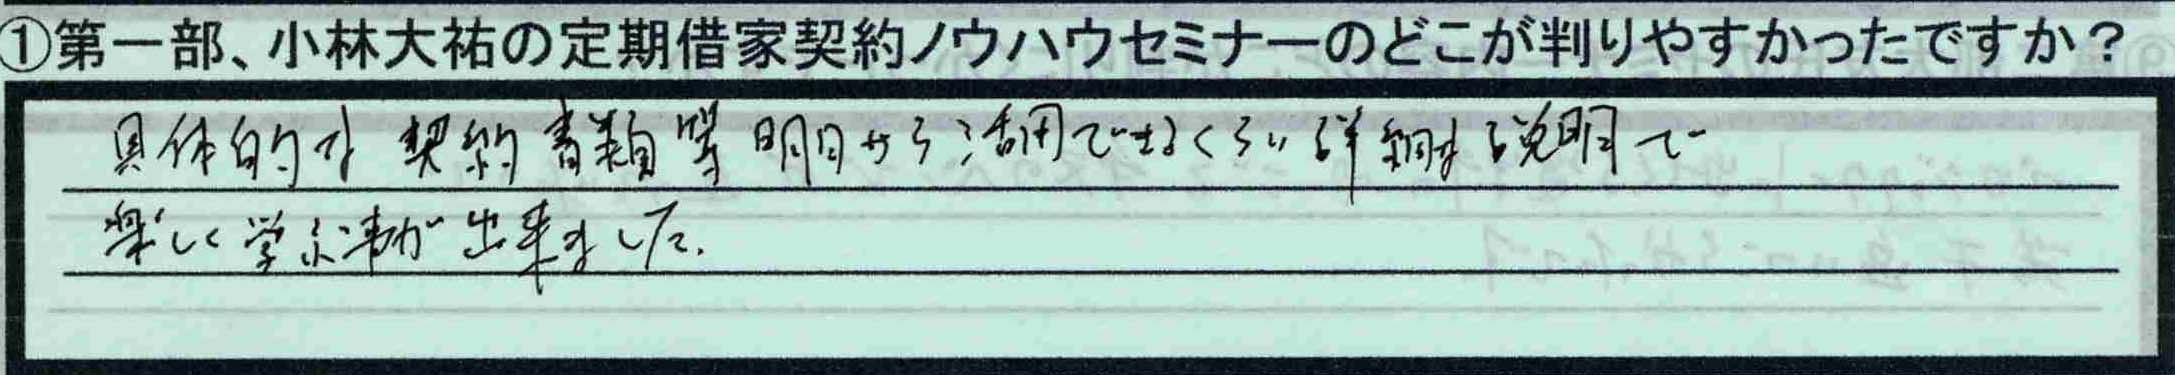 【栃木県宇都宮市】【小野智也さん】【どこが判りやすかったか?】